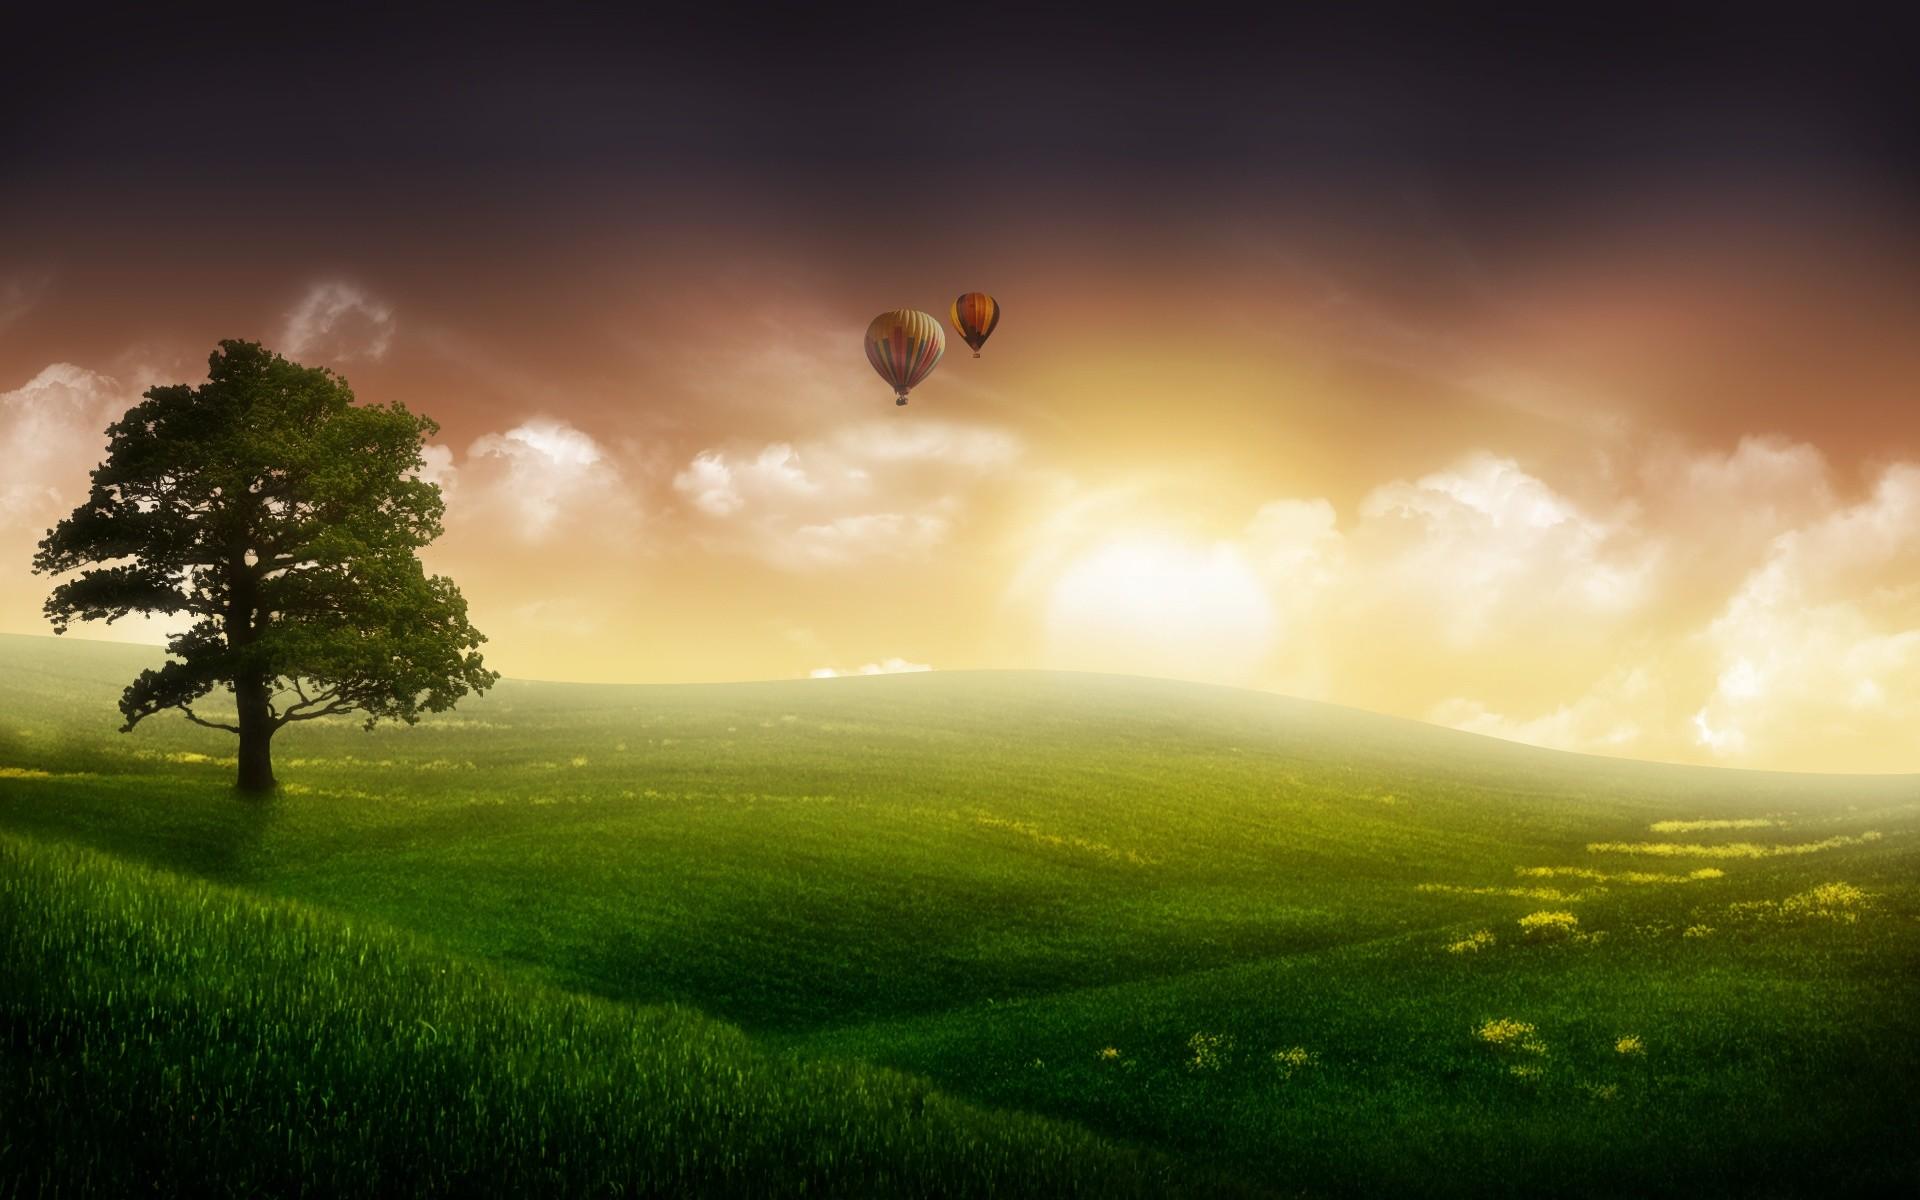 Nature Balloon Ride